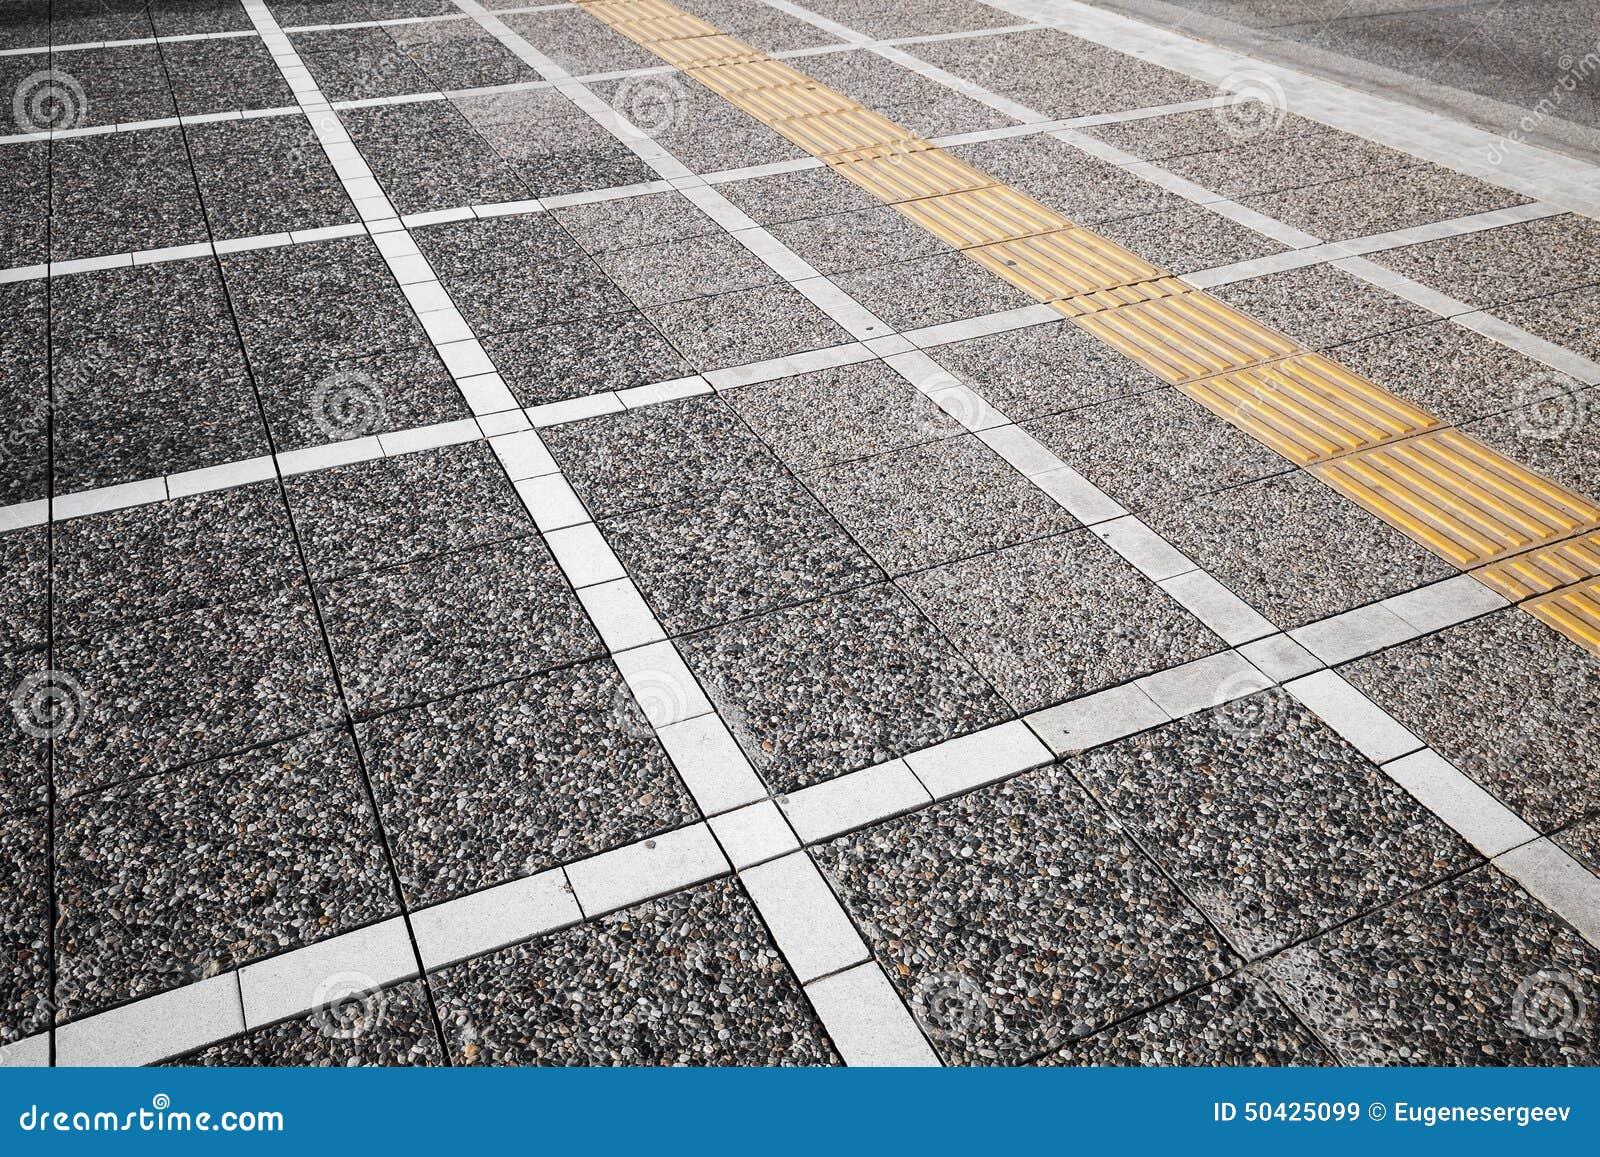 Άσπρος και κίτρινος δρόμος που χαρακτηρίζει τις γραμμές στον γκρίζο κυβόλινθο